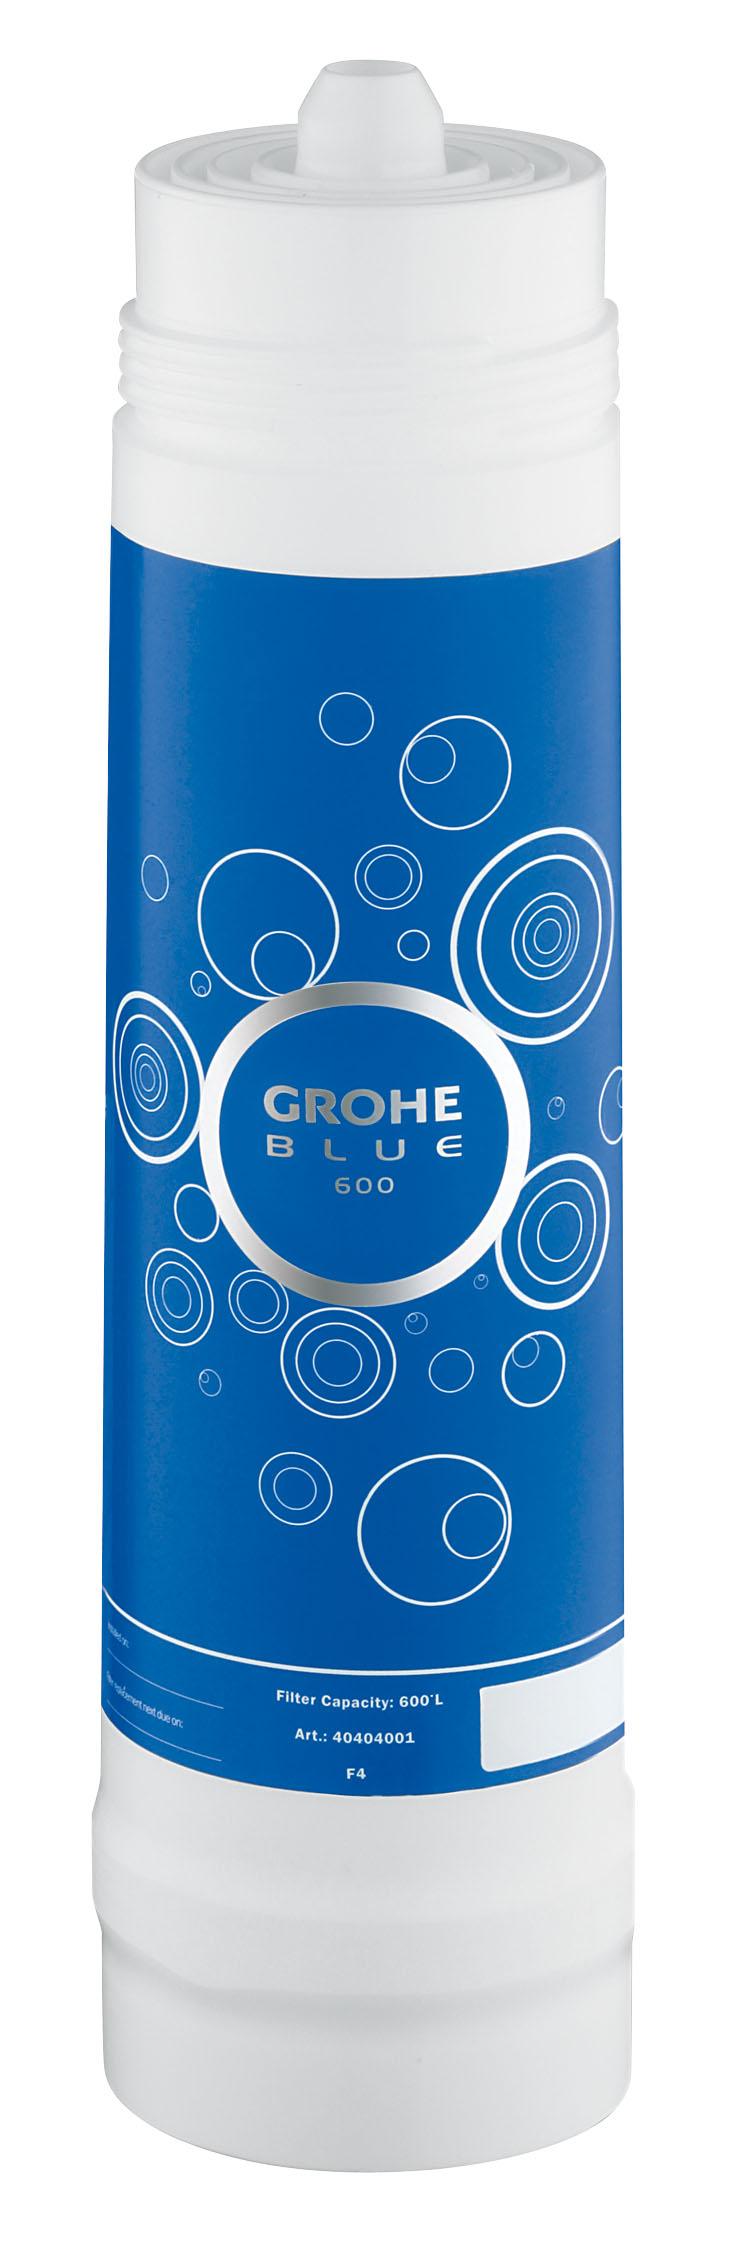 Фильтр сменный для водных систем Grohe Blue, 600 л68/5/4GROHE Blue. Cовершенный вкус питьевой воды. Вода – это не только самый ценный ресурс на планете, но и основа существования всего живого. Основой репутации компаний GROHE и BWT – европейских лидеров сферы водопользования – являются принципы безопасности, гигиеничности и высочайшие стандарты качества. Объединив свои наработки и опыт, мы создали принципиально новые системы подачи воды. Инновационные устройства серии GROHE Blue превращают водопроводную воду в чистейшую питьевую.Эту воду Вы будете с наслаждением использовать ежедневно. Фильтры GROHE Blue понижают содержание извести в водопроводной воде и превращают ее в приятную на вкус и пригодную для питья. Уникальная технология 5-ступенчатой фильтрации очищает воду от всех примесей, ухудшающих ее вкус и запах. В результате получается чистейшая вода – без тяжелых металлов, примесей, извести и хлора.Как работает фильтр GROHE Blue:1) Предварительная фильтрация - предварительная грубая очистка от частиц, попадающих в воду при ее прохождении через систему водоснабжения, удерживает крупные частицы; 2) Предварительная фильтрация на основе активированного угля - вторая ступень предварительной фильтрации, очищающая воду от источников неприятного запаха и вкуса (например, хлора); 3) Ионообменный фильтр - прохождение воды через высокопроизводительный ионообменник, понижающий содержание извести и тяжелых металлов. Смягчает воду, снижая карбонатную жесткость, и связывает ионы тяжелых металлов, таких как свинец и медь; 4) Фильтр из активированного угля - фильтрация на основе активированного угля устраняет неприятный вкус, придаваемый воде хлором и органическими примесями; 5) Фильтр тонкой очистки - удерживает частицы величиной до 10 микрон.Комплект поставкии:BWT фильтр для GROHEBlue Объем 600 л Видео по установке является исключительно информационным. Установка должна проводиться профессионалами!